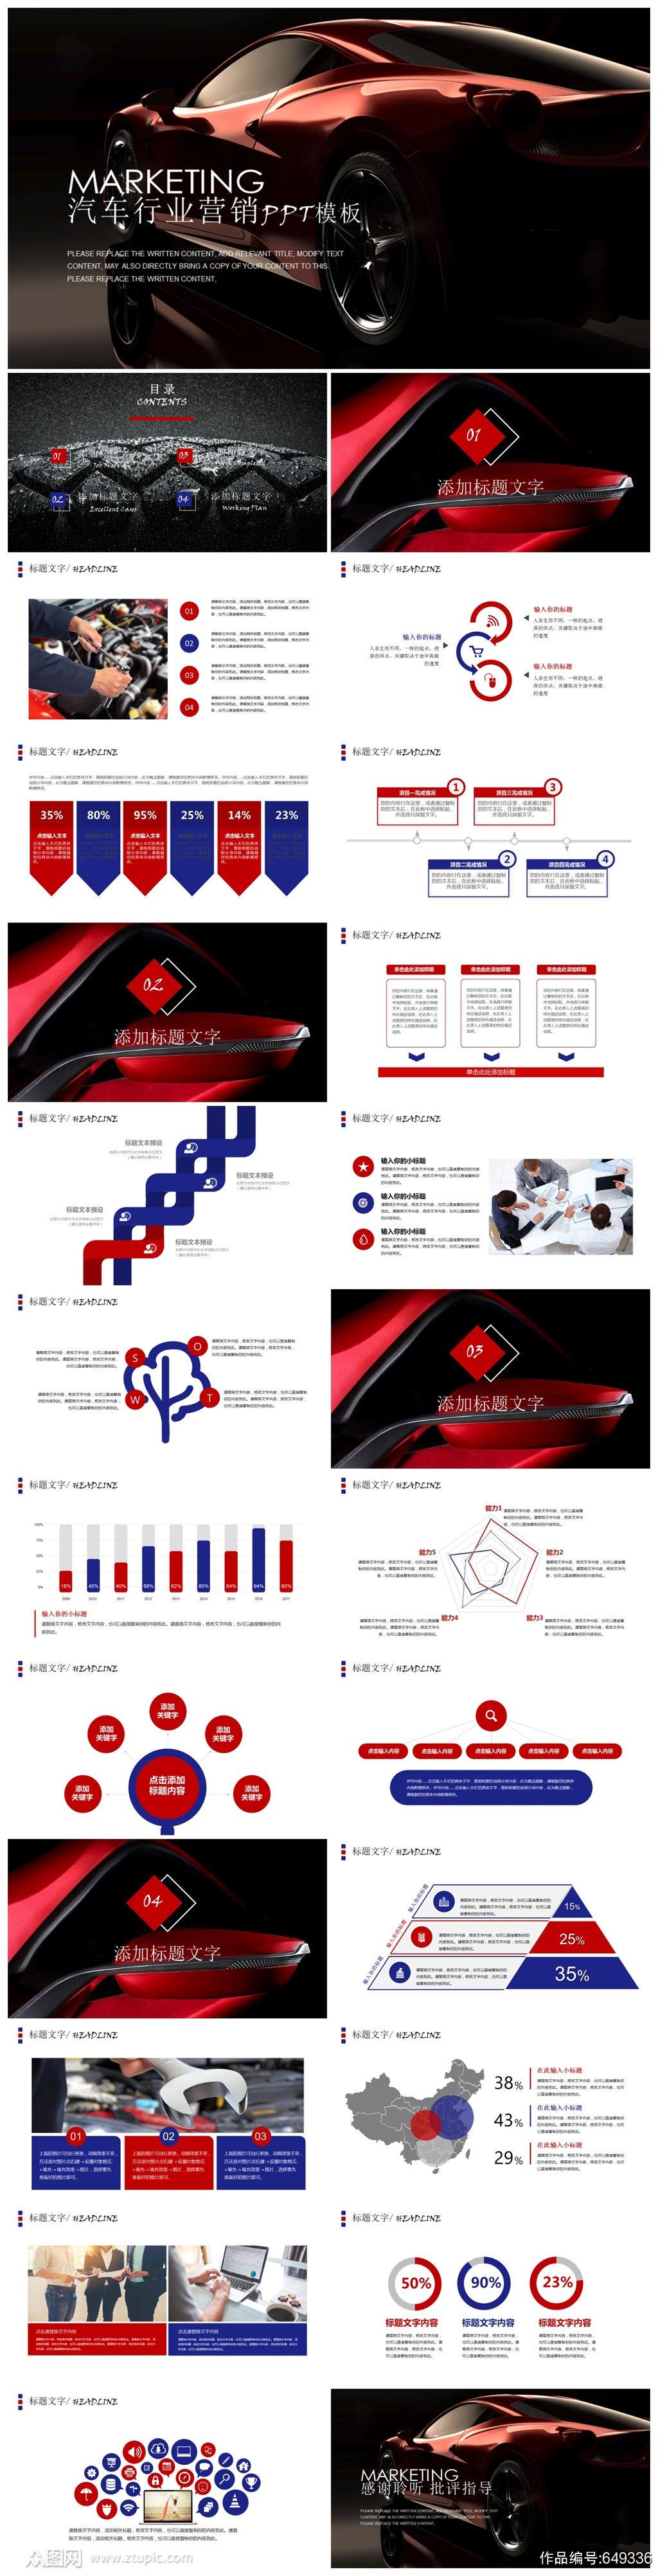 汽车行业营销PPT模板素材